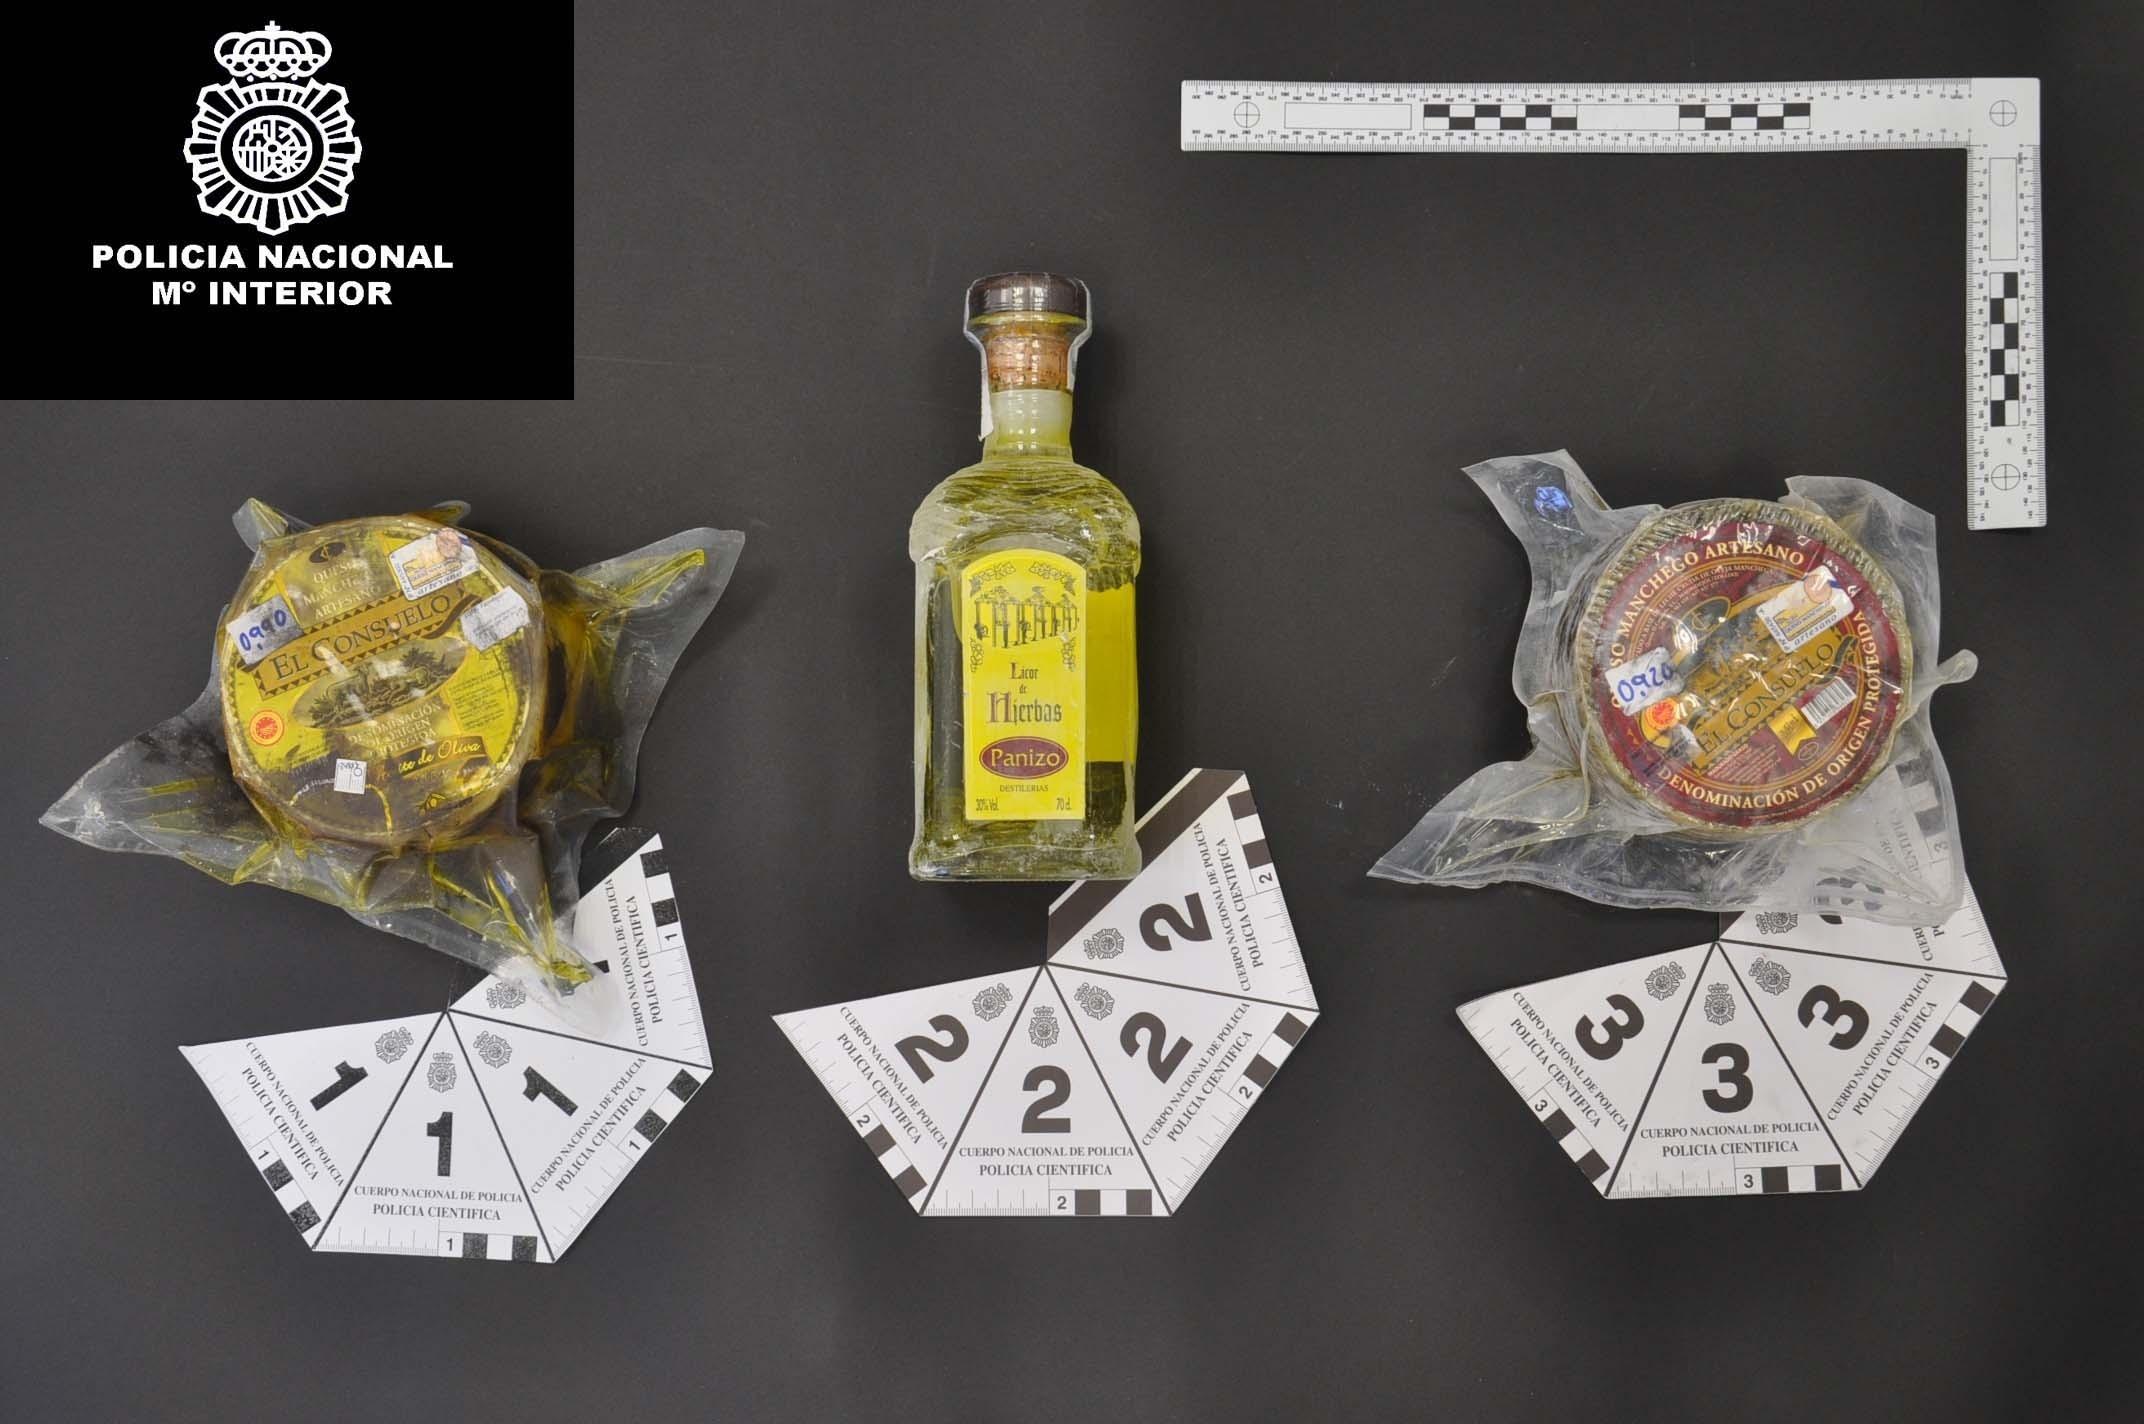 Dos detenidos en Valdepeñas (Ciudad Real) por sustraer quesos y diverso material escolar en cinco robos